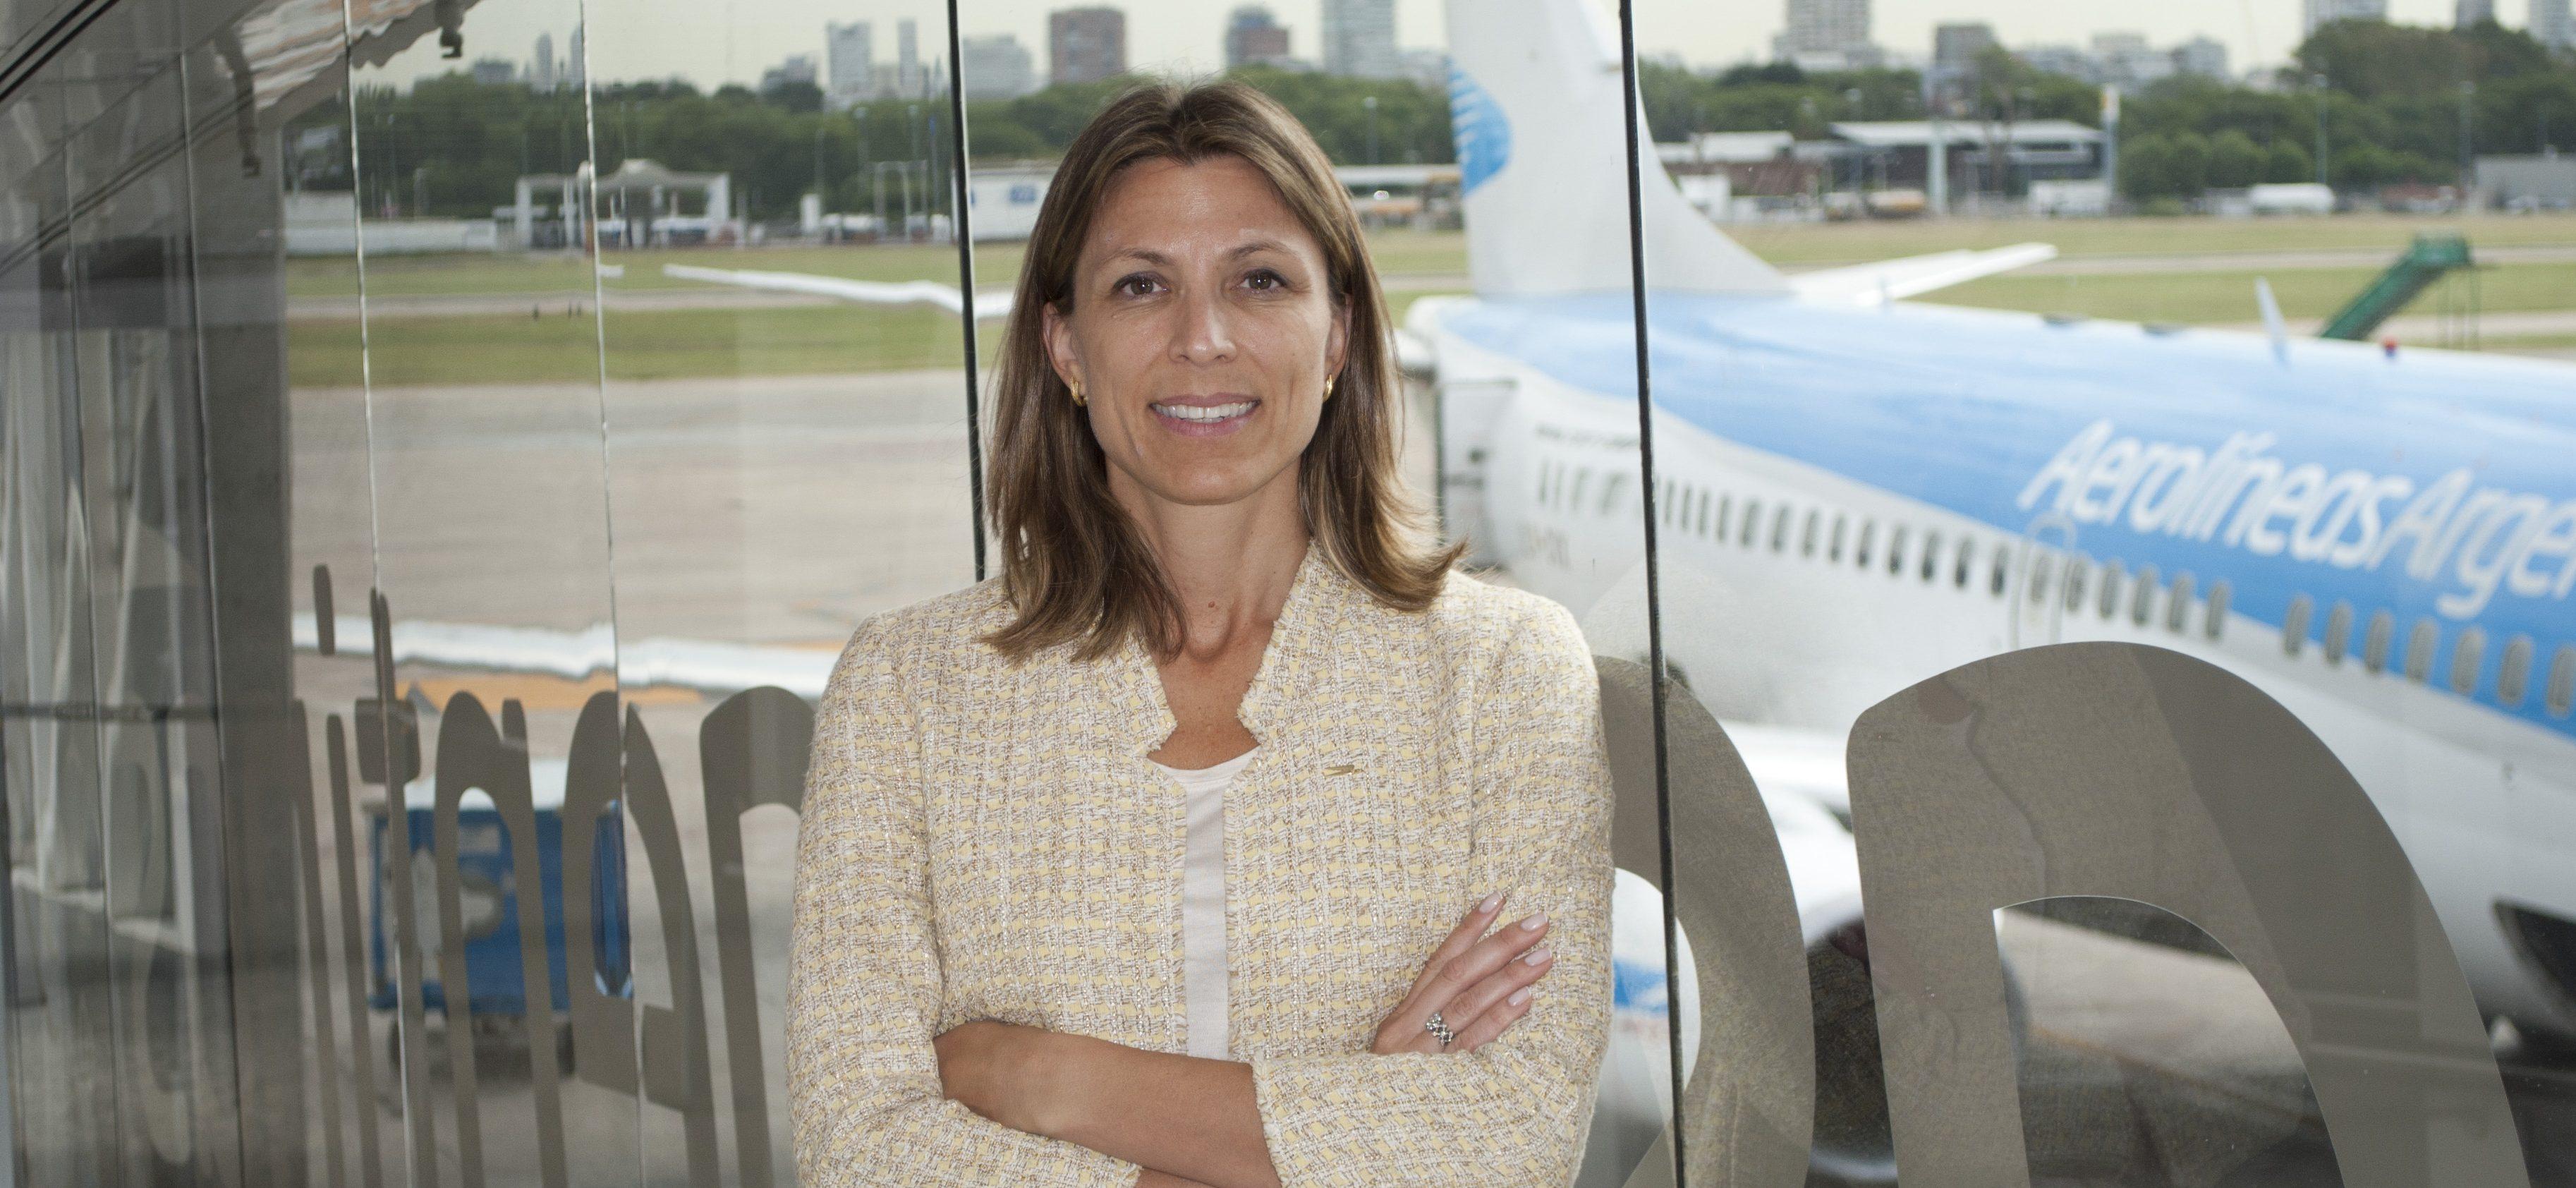 """Presidenta de Aerolíneas Argentinas: """"Costos e infraestructura traban la productividad y conectividad"""""""